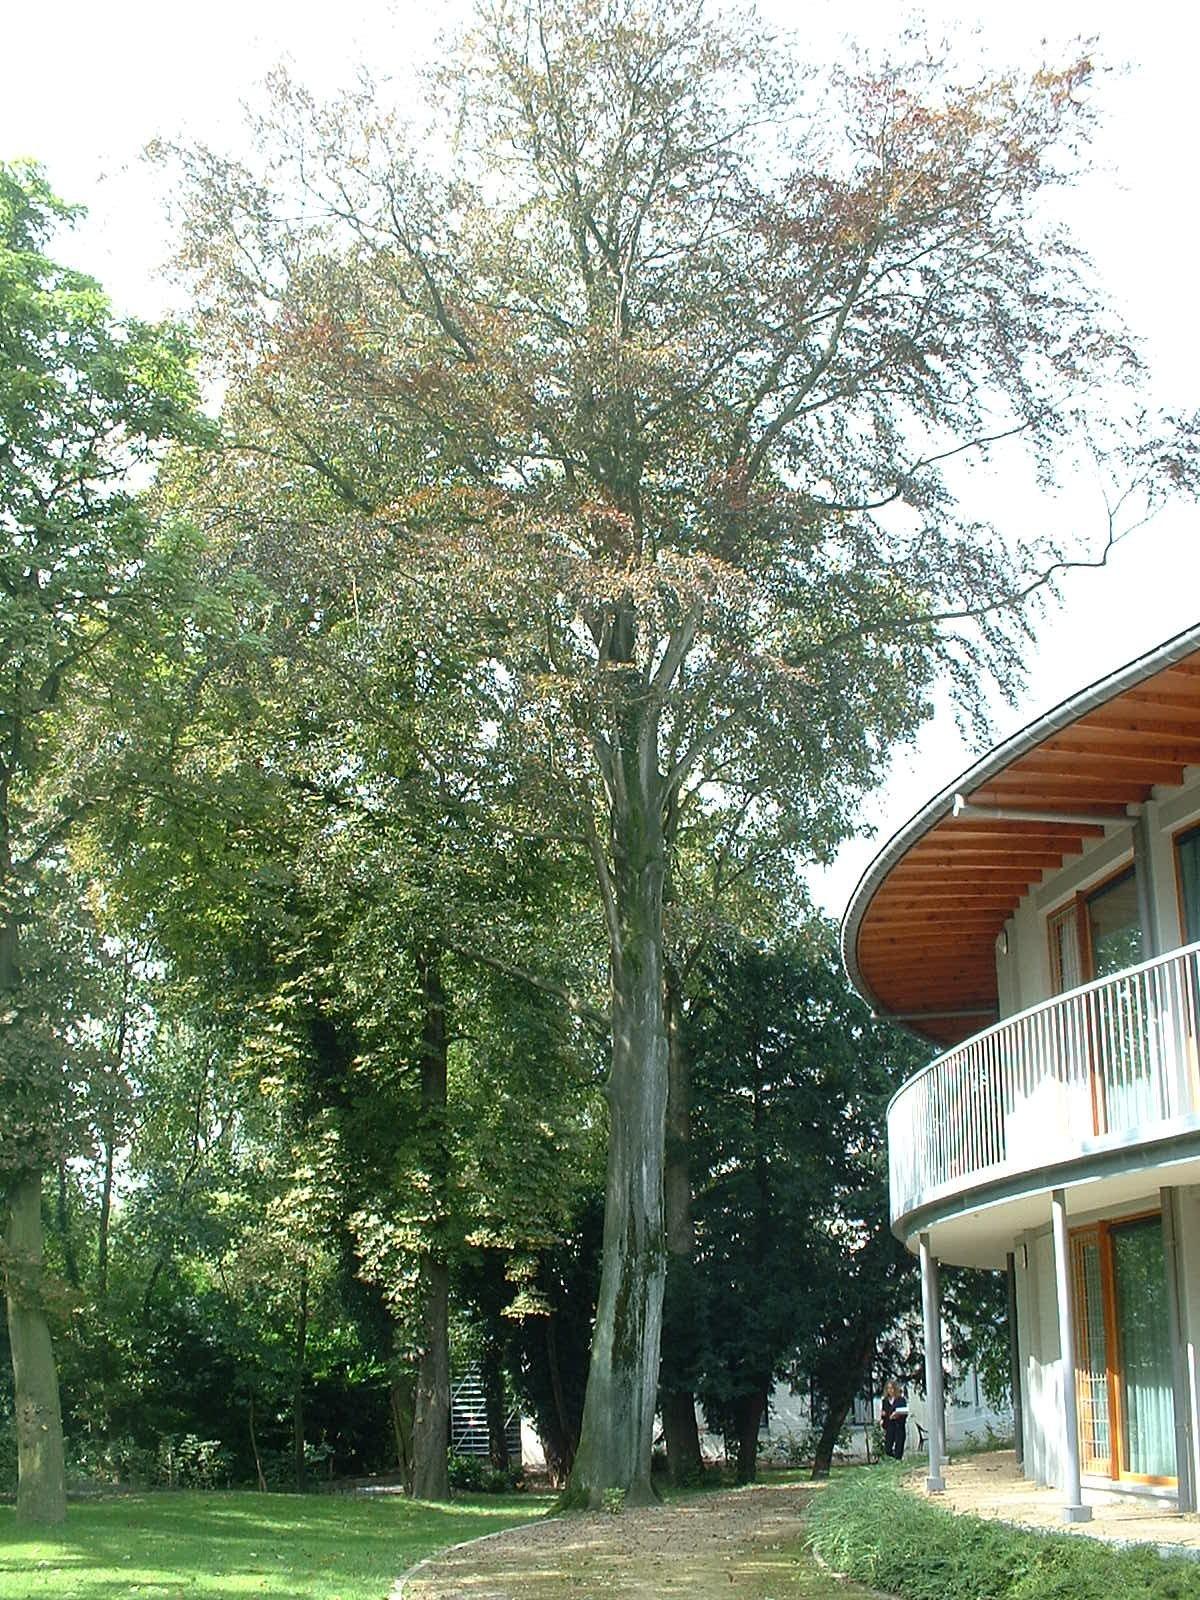 Hêtre pourpre – Jette, Parc de la clinique Sans Souci, Avenue de l'Exposition Universelle, 218 –  20 Août 2004